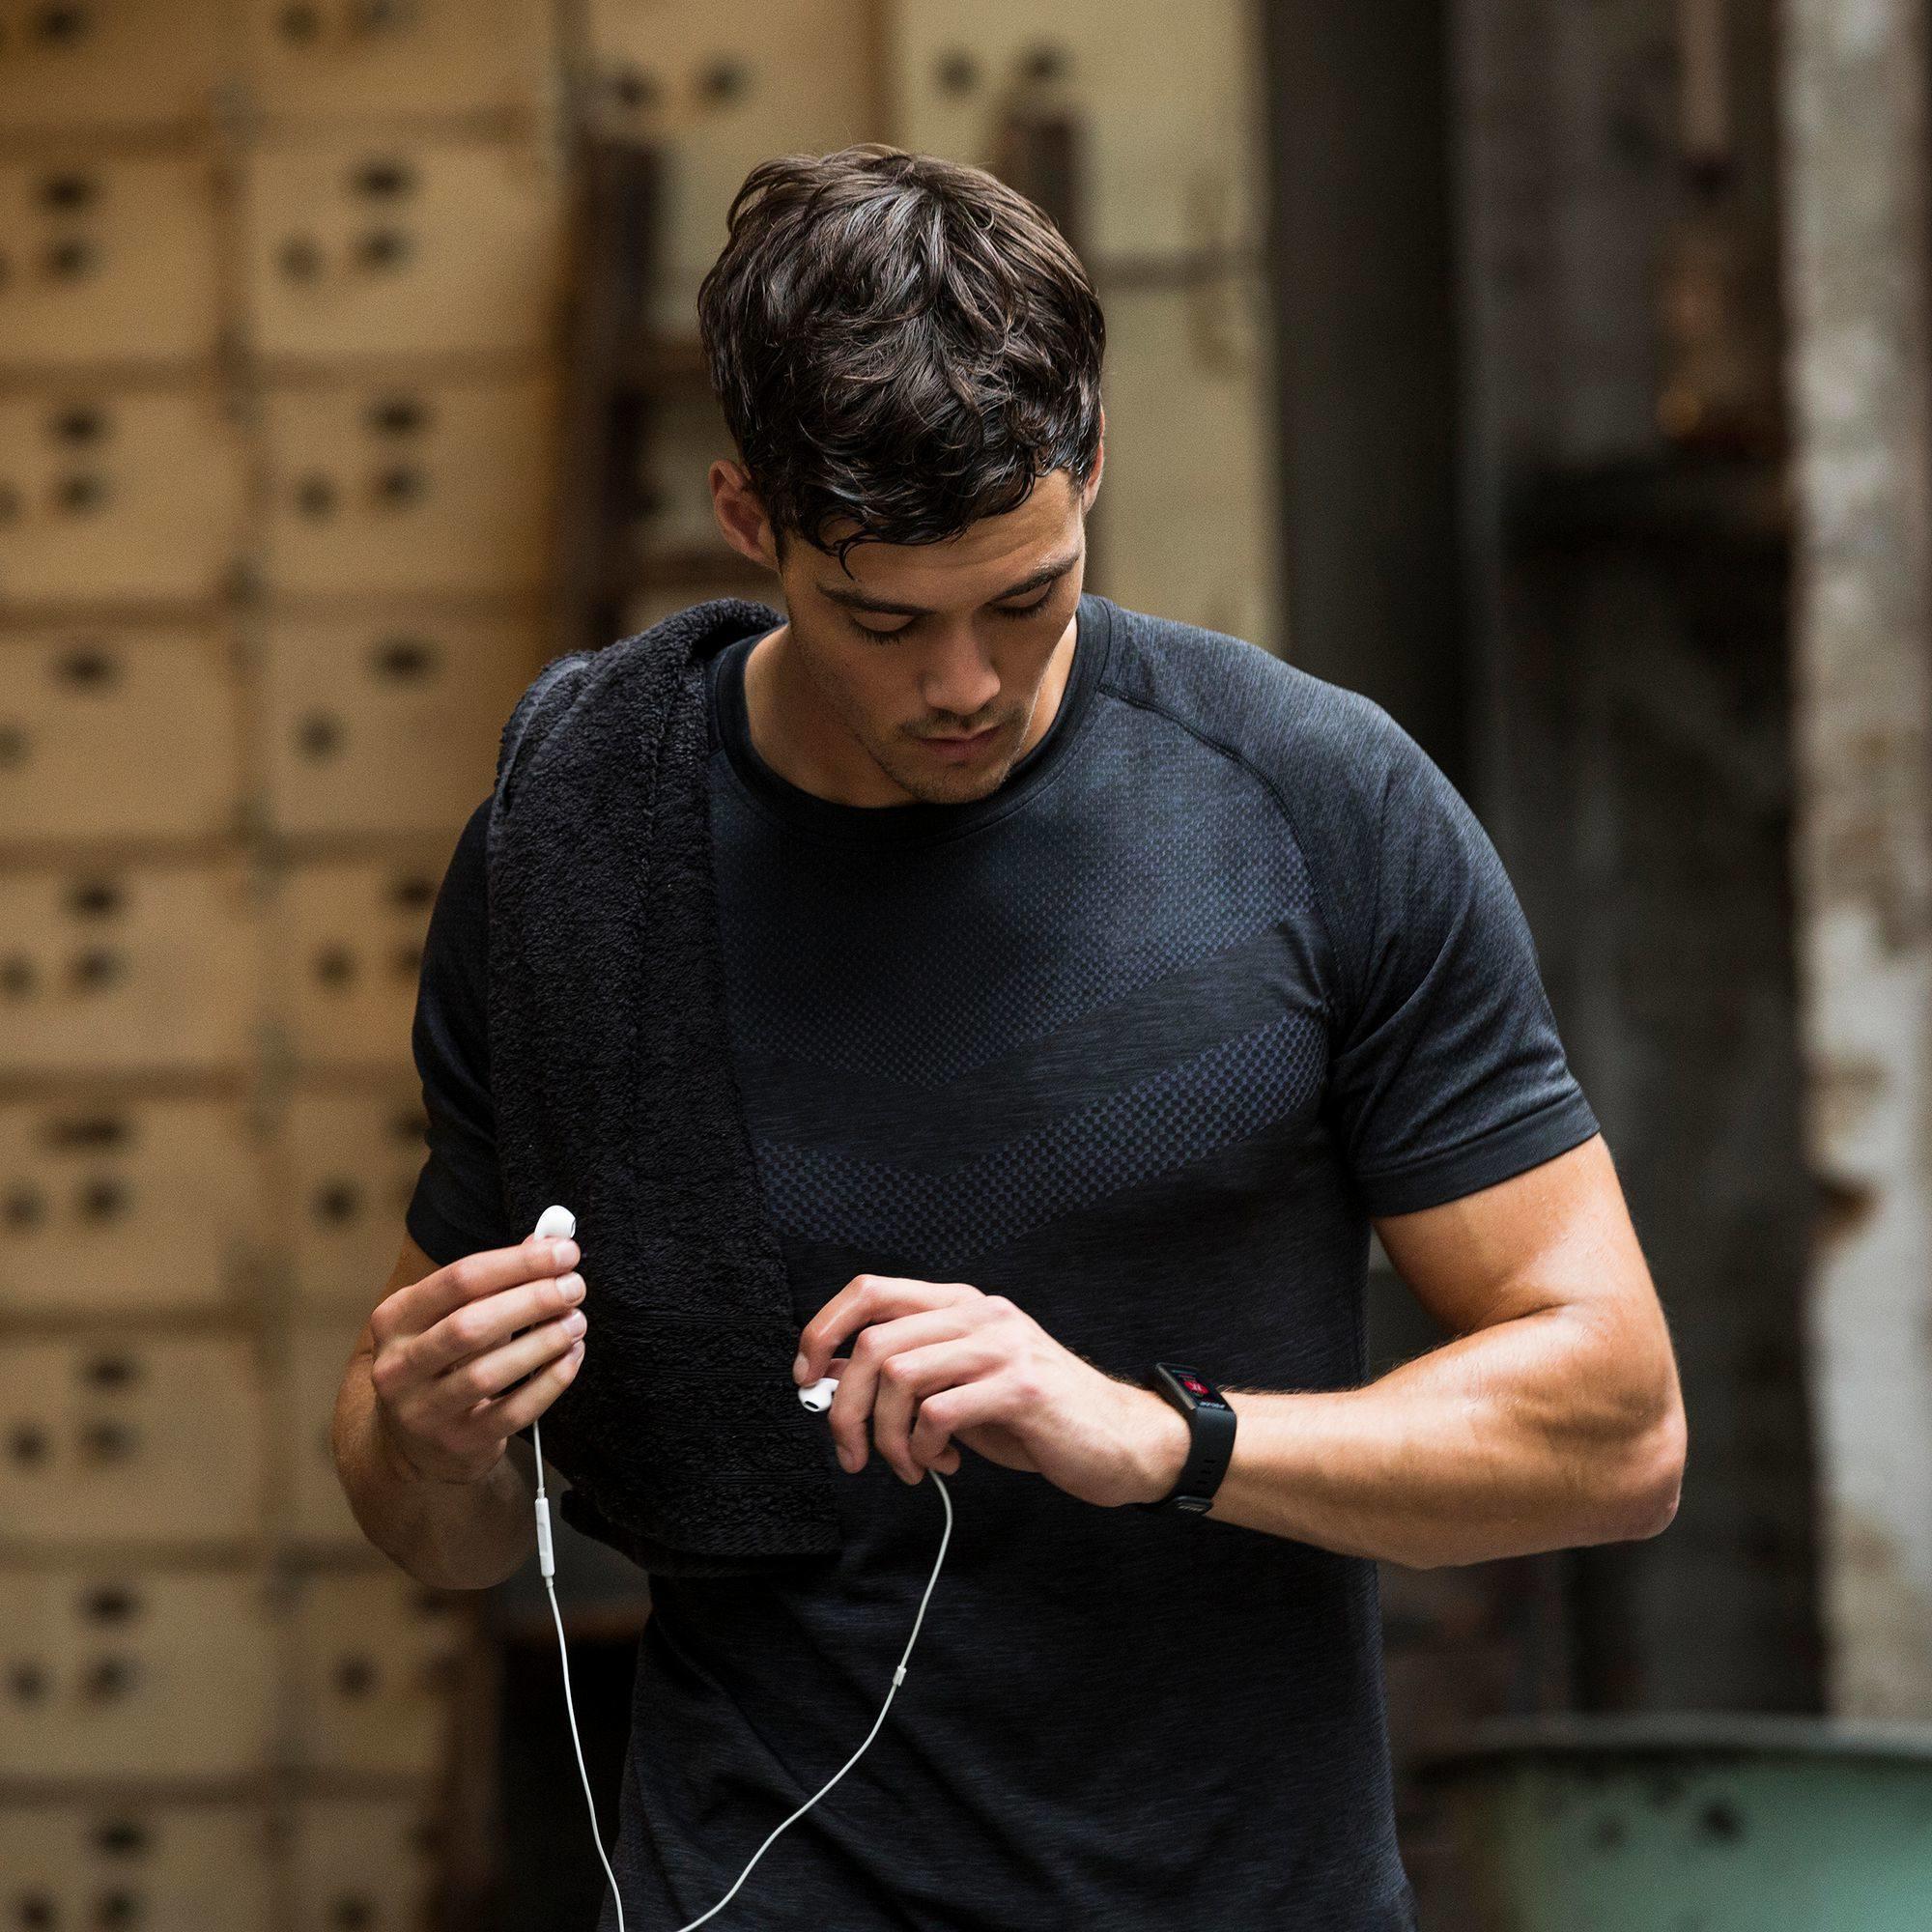 pulseira inteligente contador de calorias contador de passos contador de calorias dispositivo de monitorização de atividade física